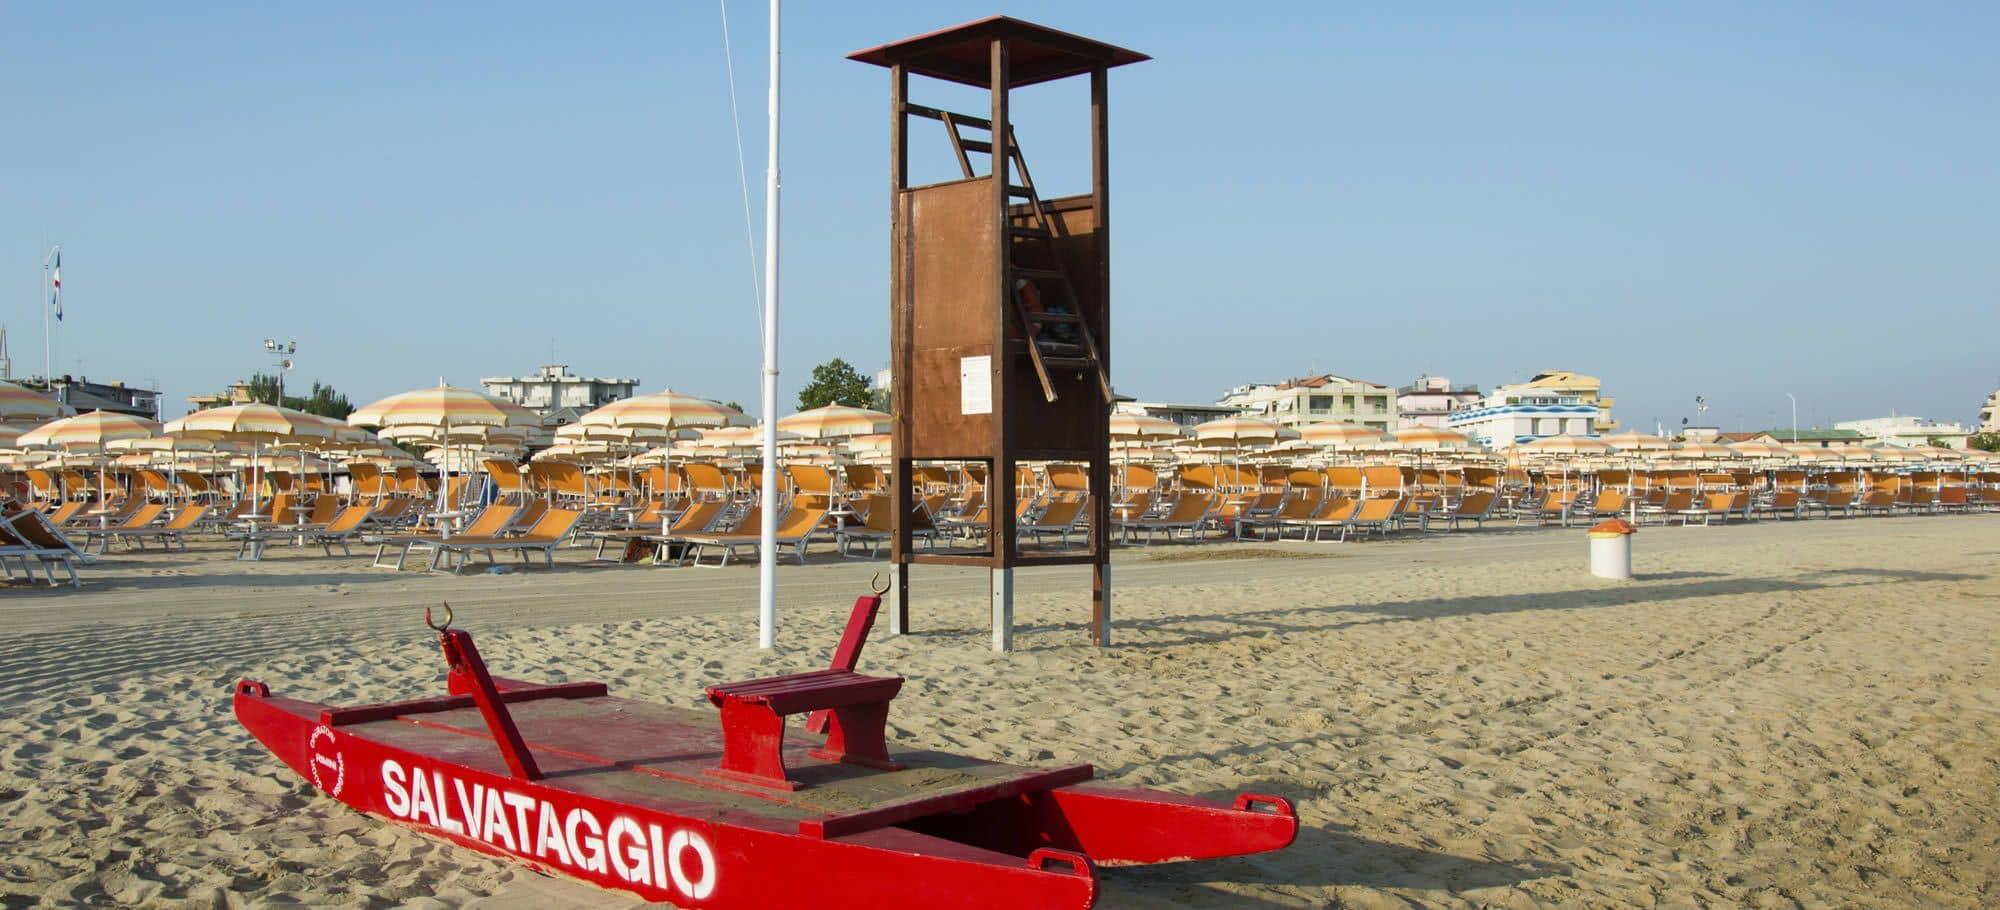 Hotel per Famiglie Bellaria Igea Marina